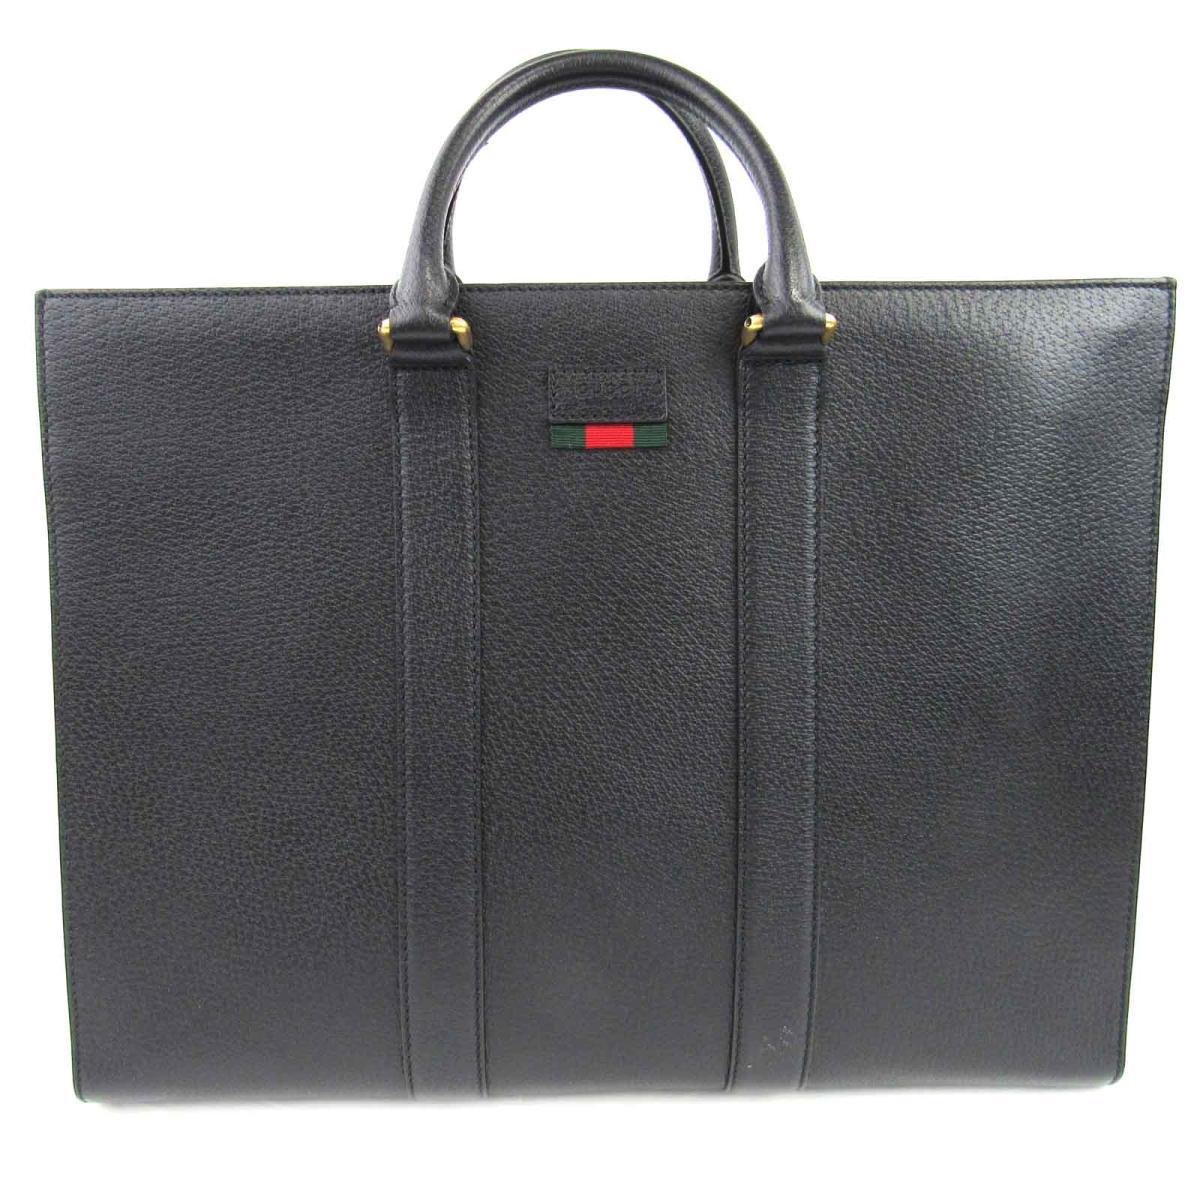 【中古】 グッチ 2WAY ショルダーバッグ メンズ レザー ブラック (429036) | GUCCI ショルダーバック ショルダー 肩がけ バッグ バック BAG カバン 鞄 ブランドバッグ ブランドバック 美品 ブランドオフ